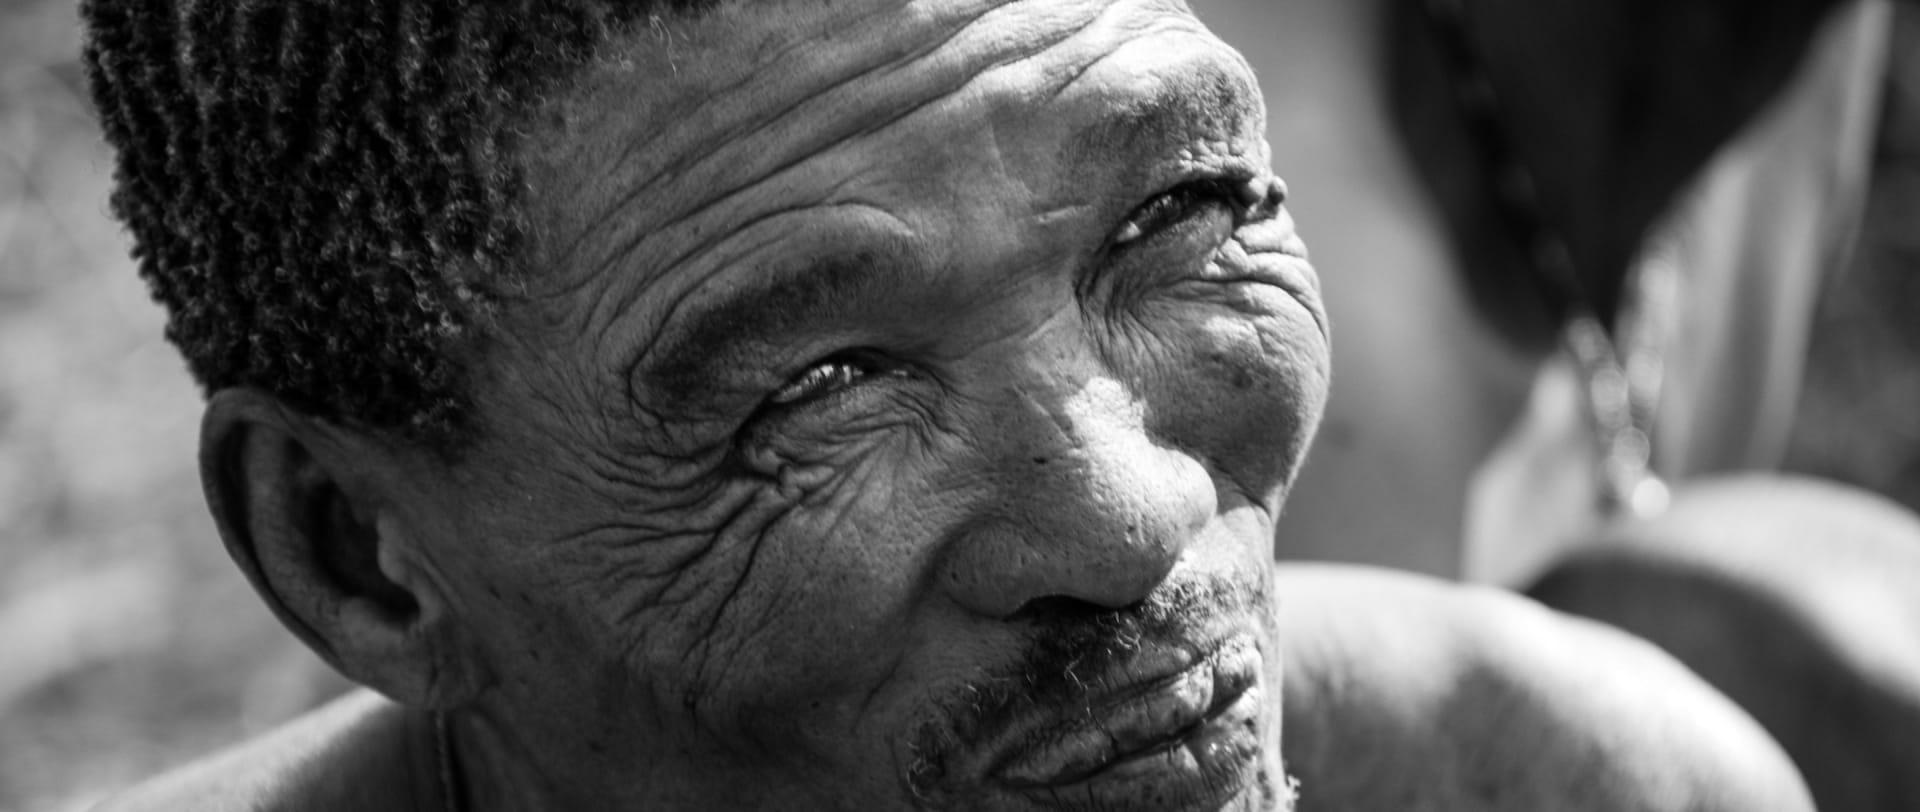 La mirada d'un caçador Bushman